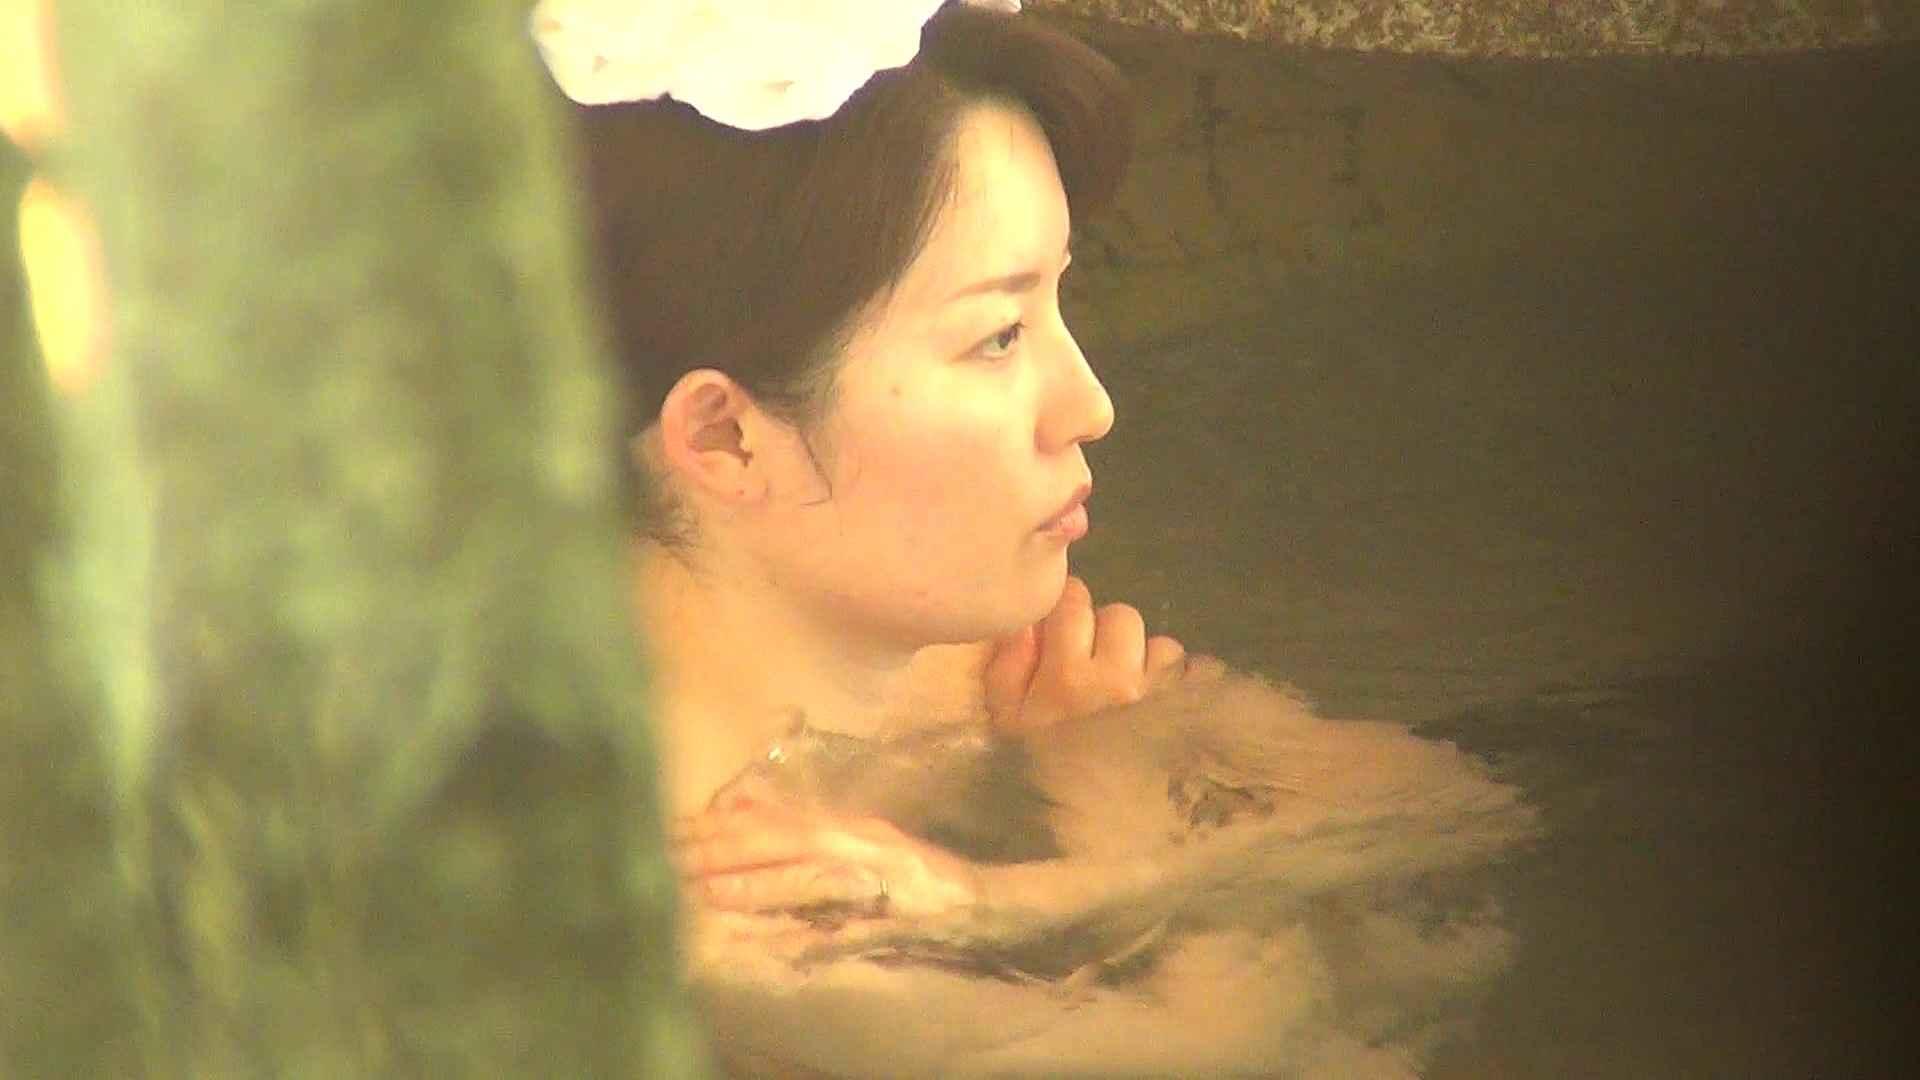 Aquaな露天風呂Vol.301 OLハメ撮り  41Pix 33